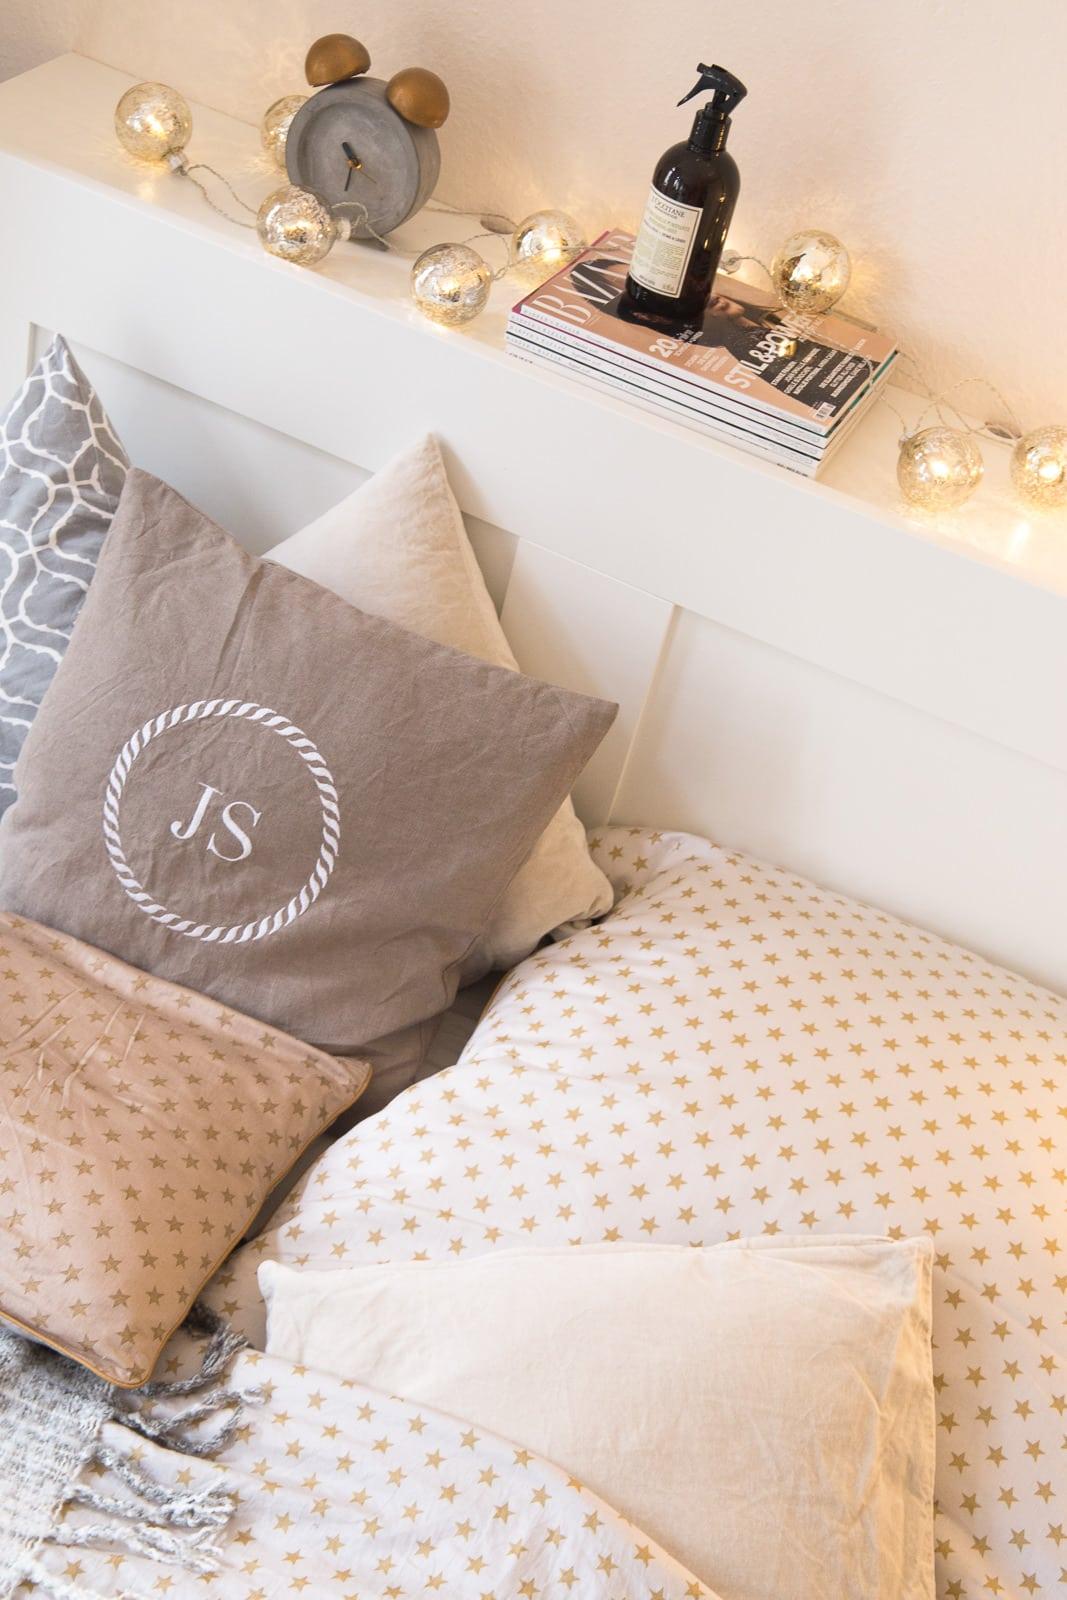 Schlafzimmer Interior Update: 5 Tipps für ein gemütliches Flair